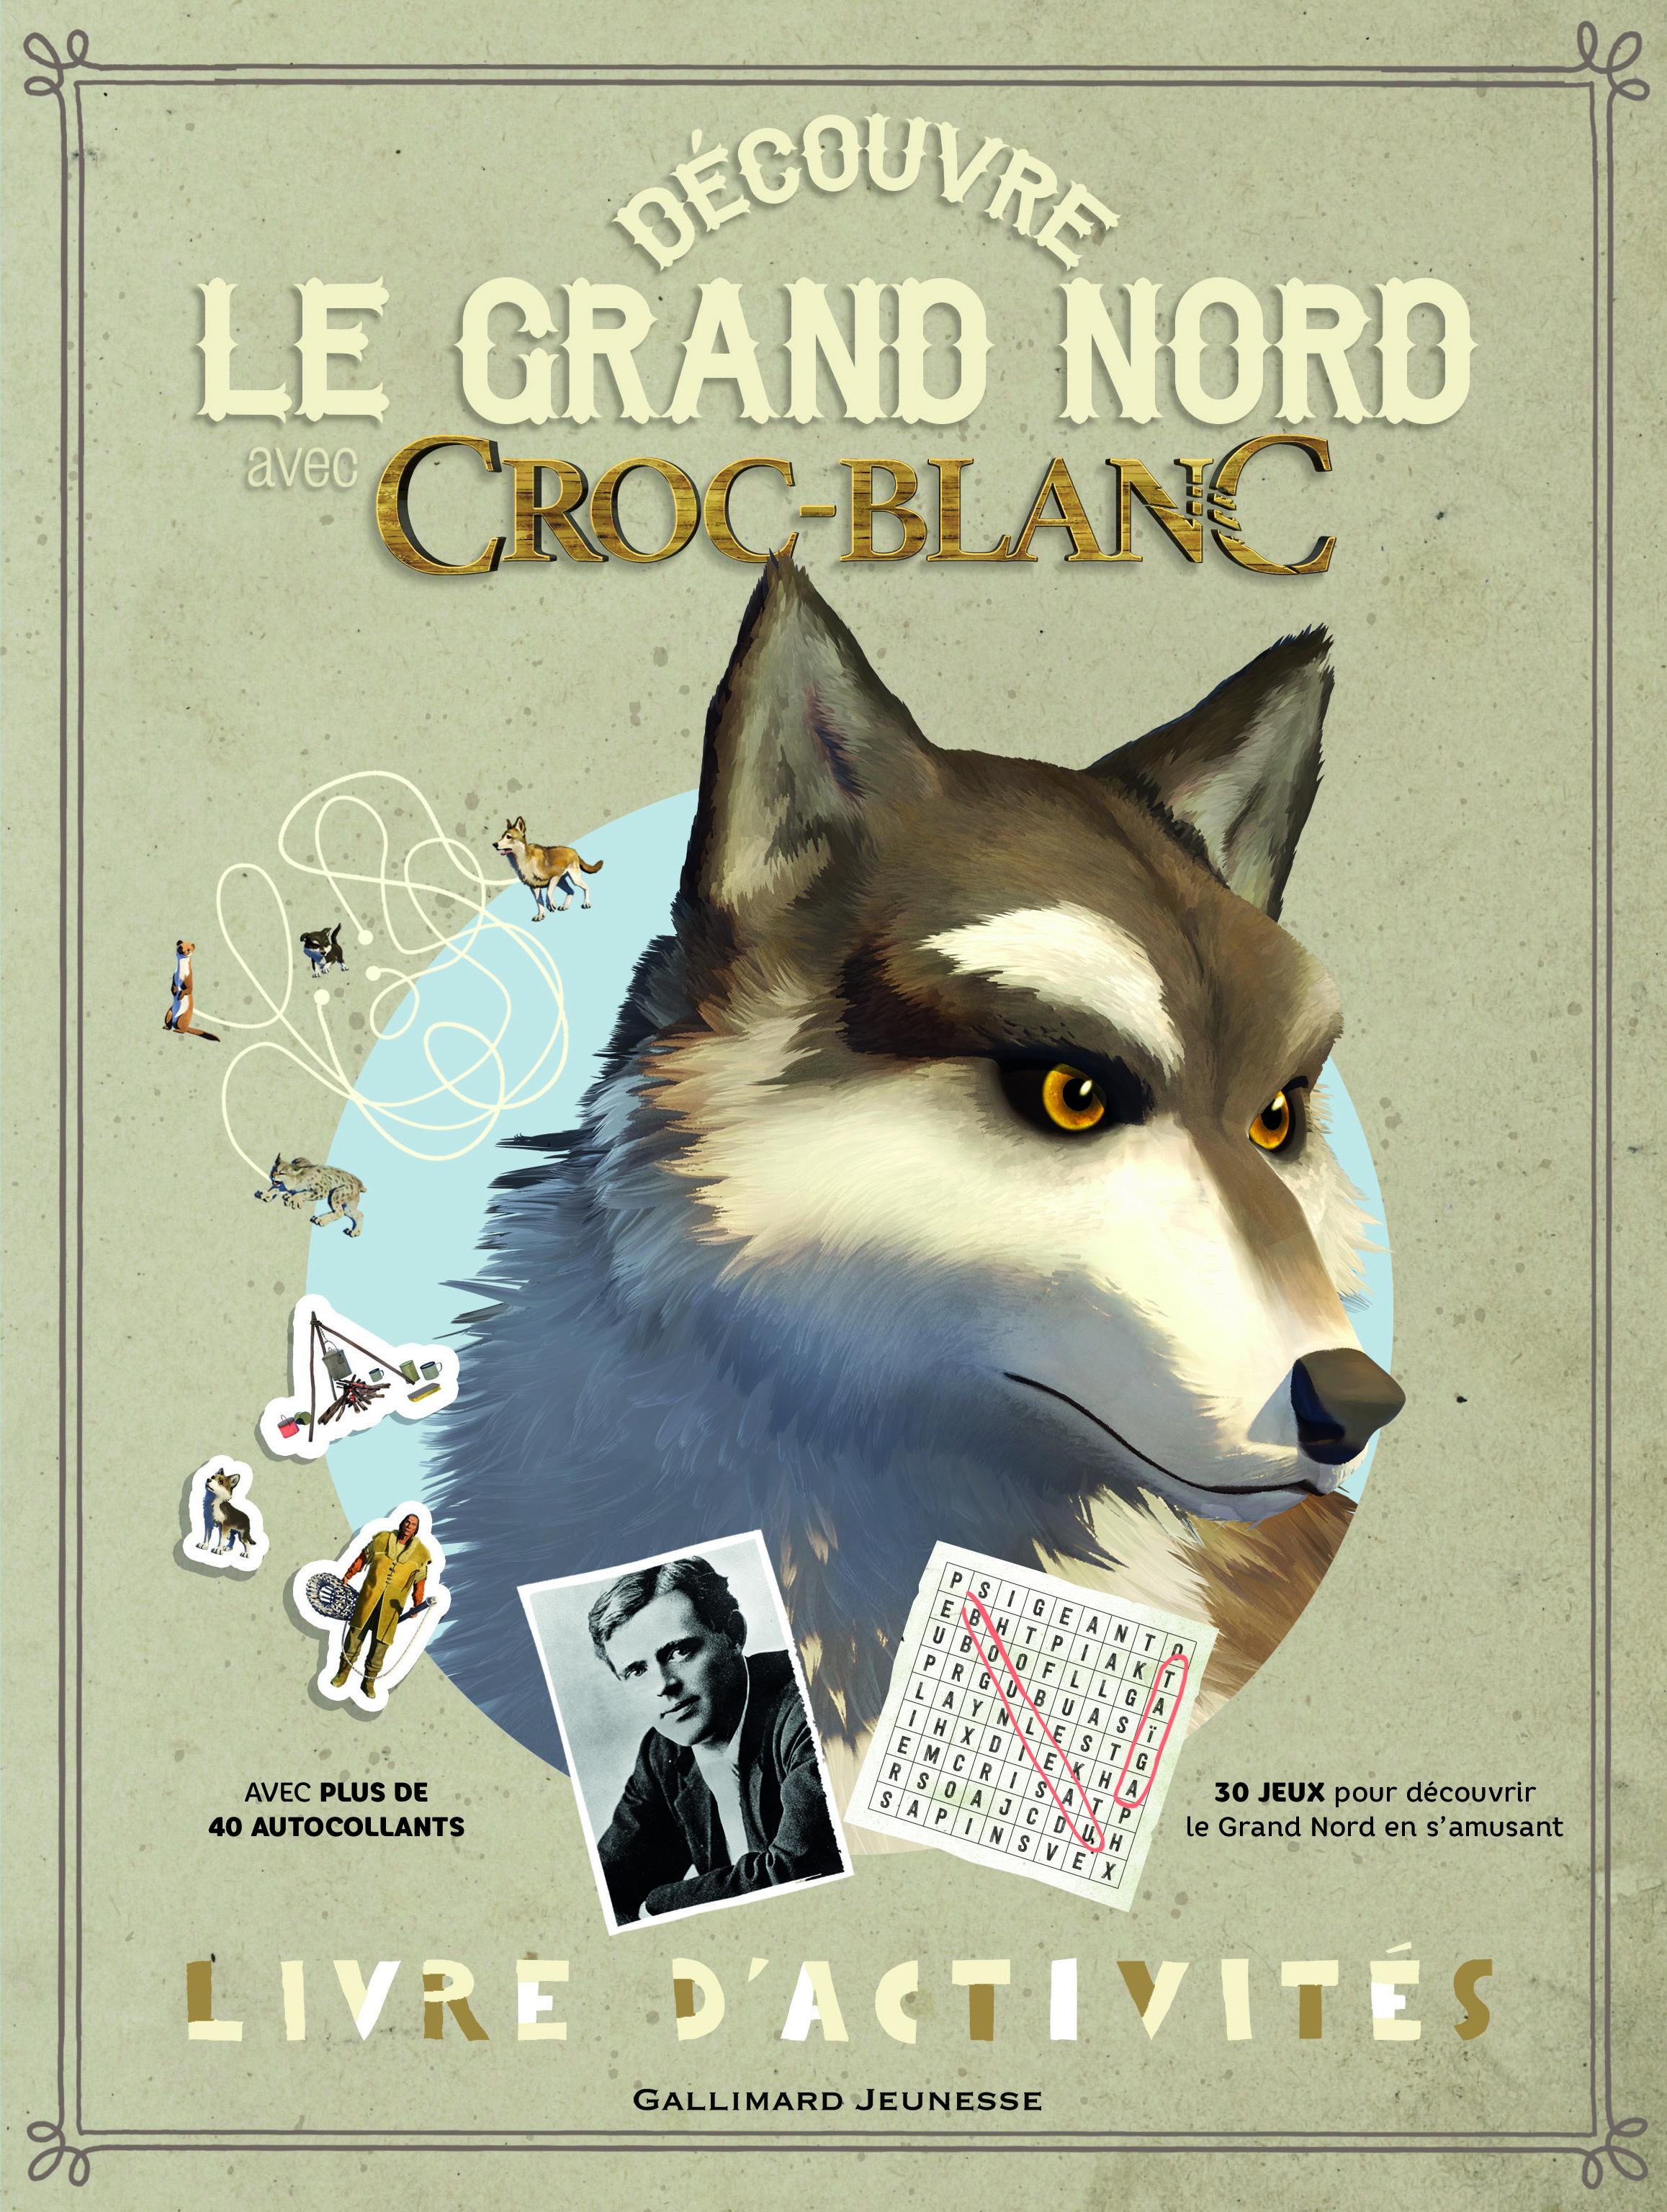 DECOUVRE LE GRAND NORD AVEC CROC-BLANC